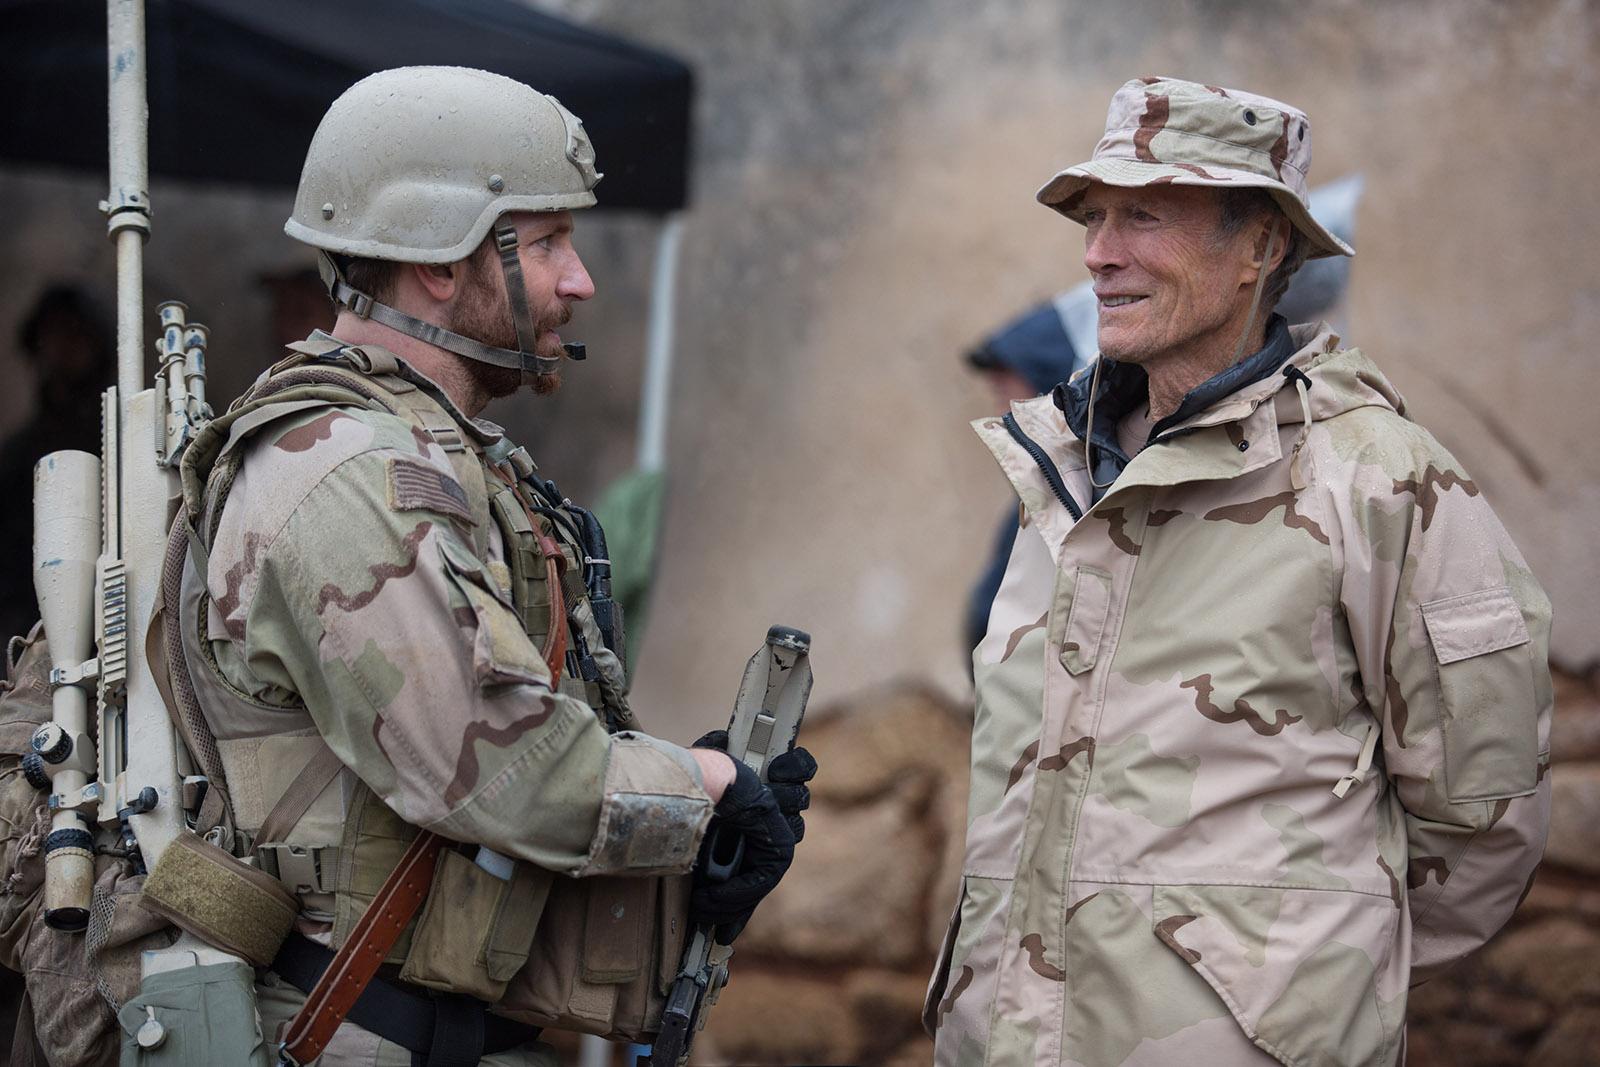 Les trois héros du Thalys joueront pour Eastwood